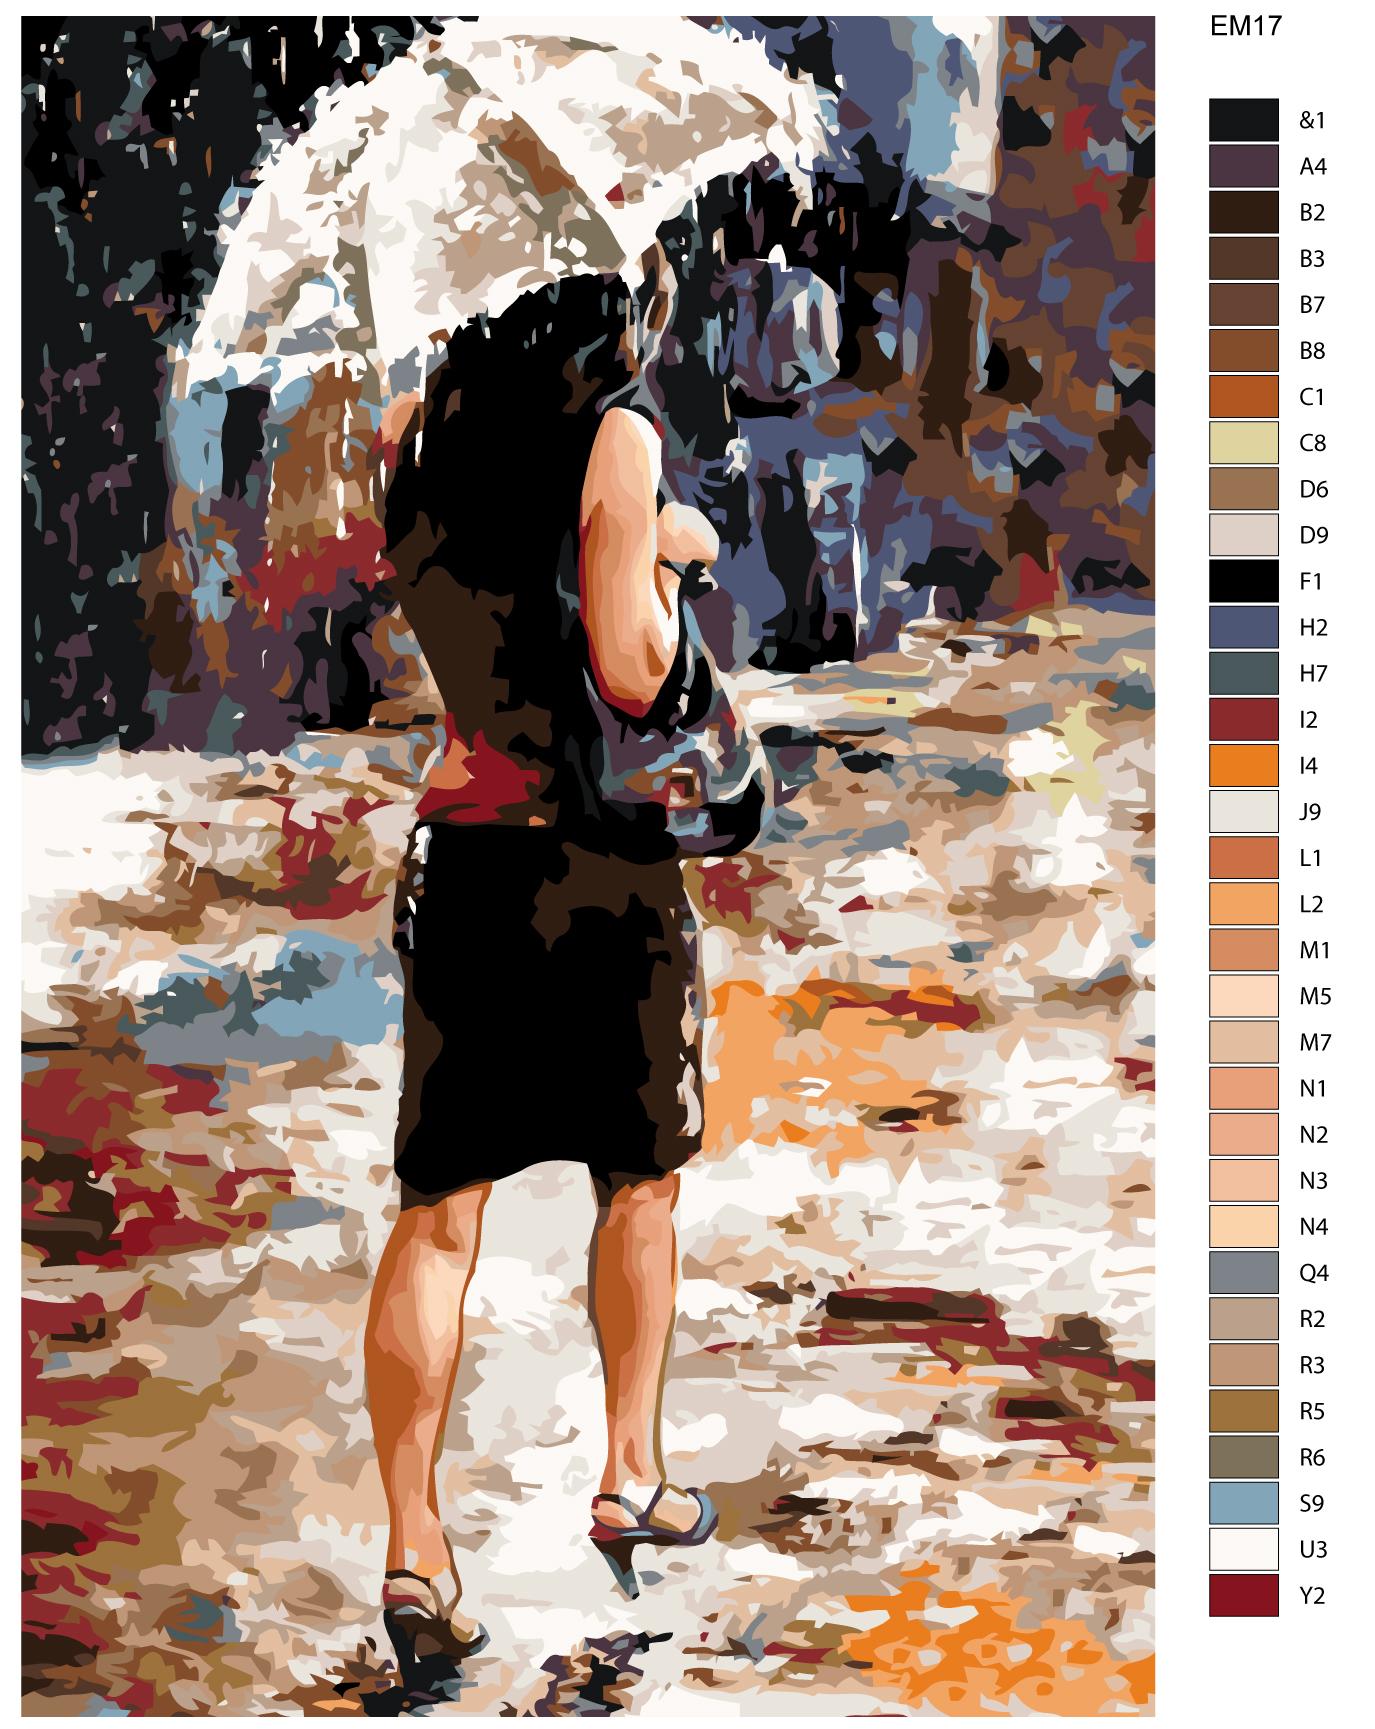 Набор для создания картины Живопись по номерам EM17EM17Количество красок от 18 до 24. Картина раскрашивается без смешивания красок. Высококачественные акриловые краски собственного производства сделают вашу картину яркой и уникальной. Все необходимые материалы есть в комплекте: натуральный хлопковый холст, натянутый на деревянный подрамник, баночки с акриловыми красками на водной основе, 3 кисти из качественного нейлона, схема раскрашивания, инструкция. Просто закрашивайте участки красками с соответствующим номером.